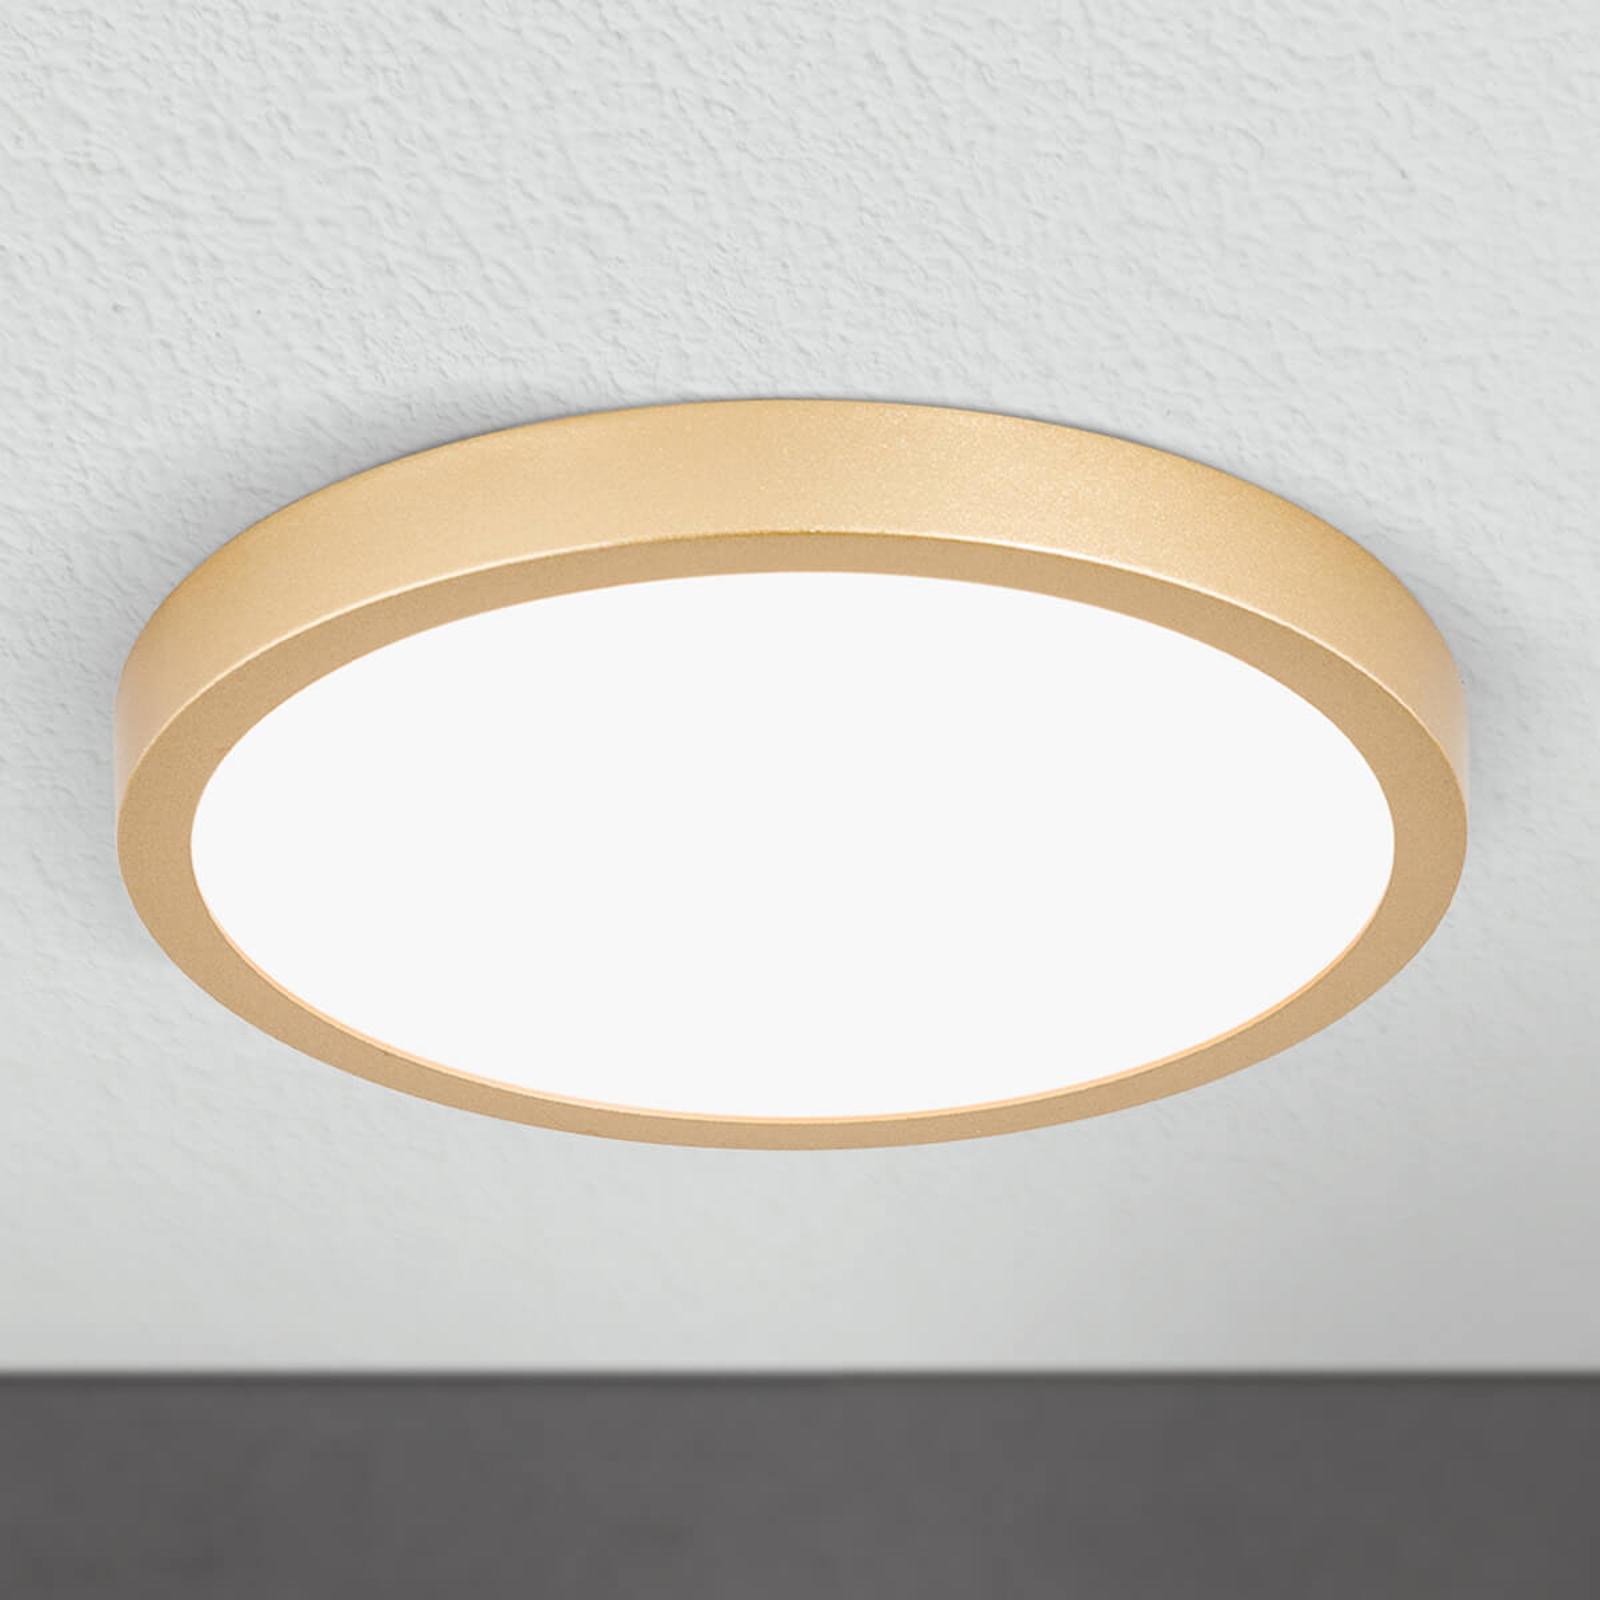 LED-kattovalaisin Vika, pyöreä, matta kulta Ø23 cm